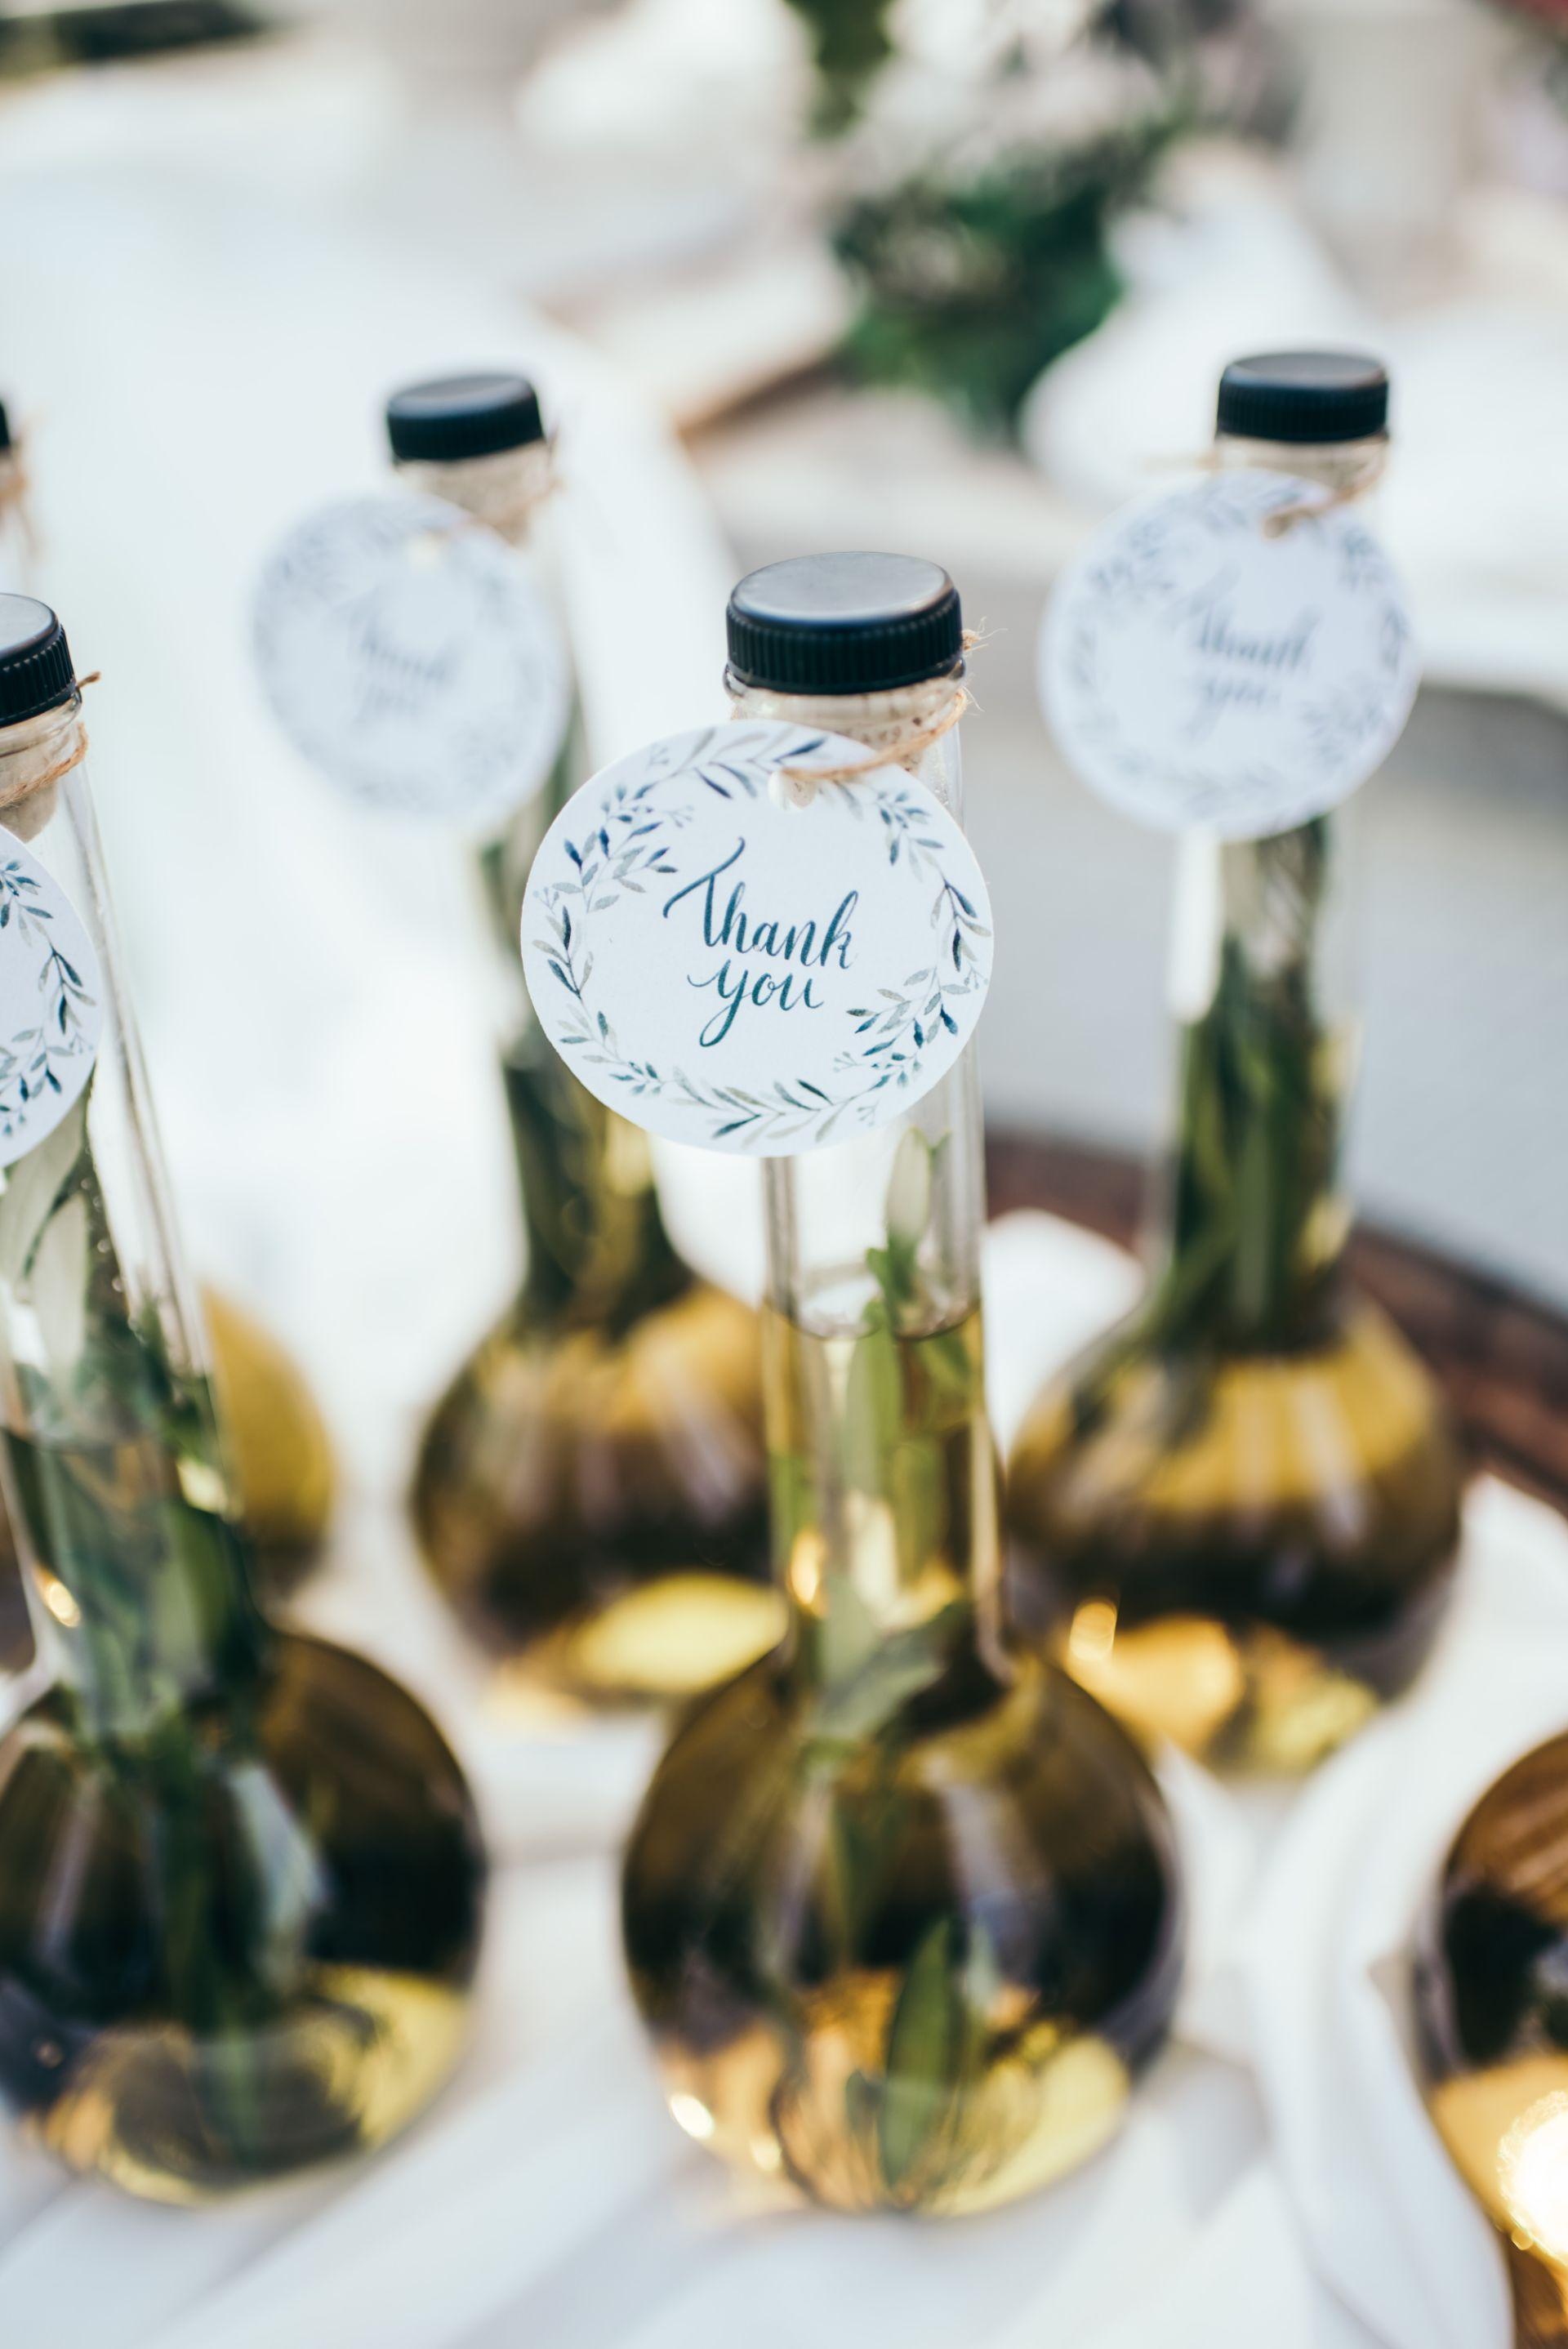 מתחתנים בחנוכה? הנה 8 רעיונות איך לשלב את החג בחתונה